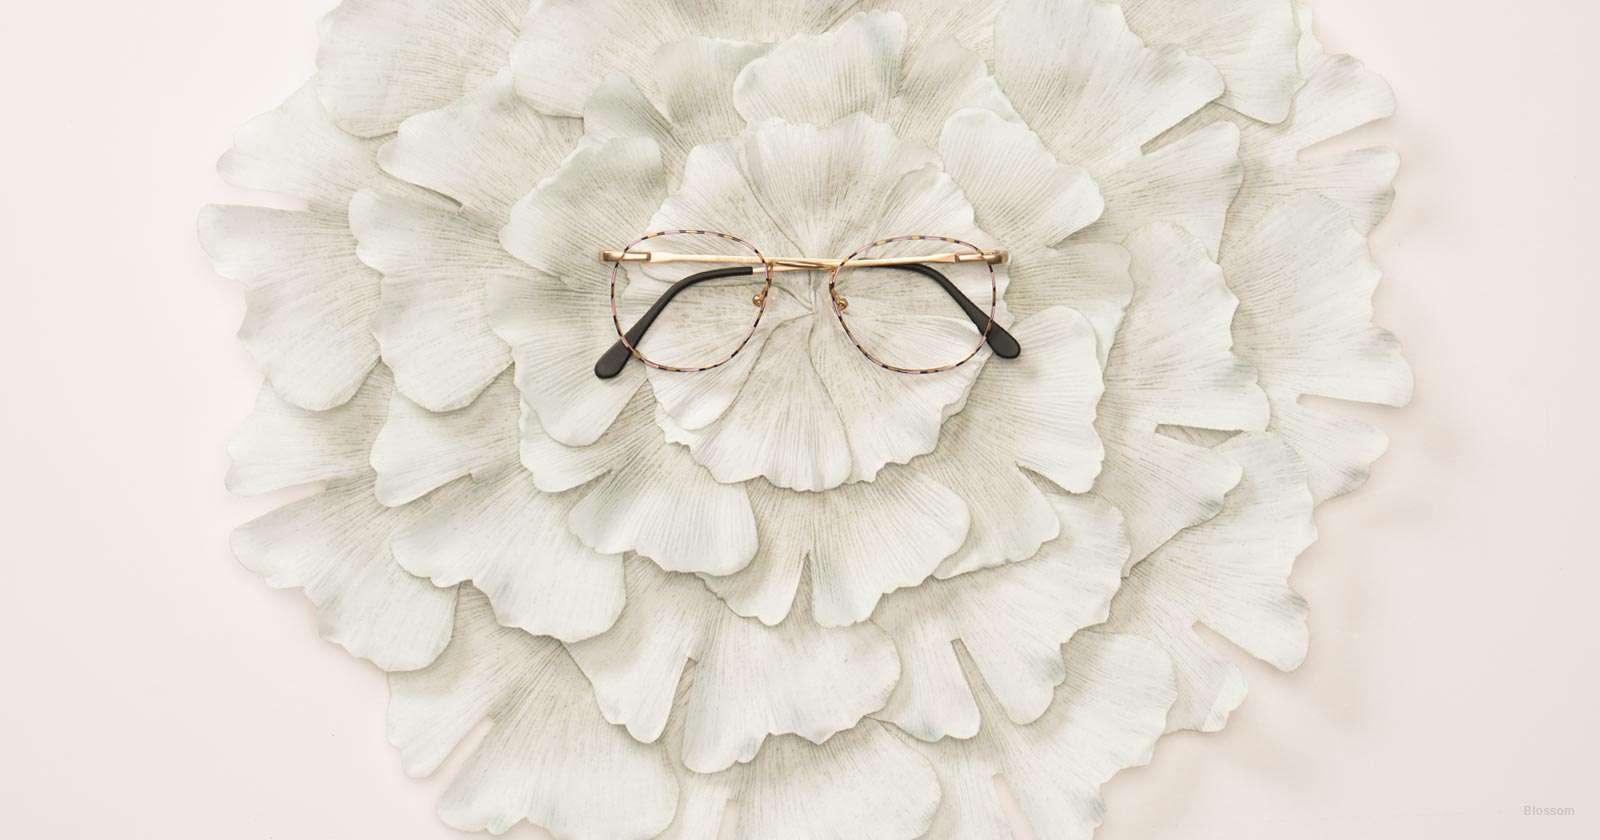 e0fe1d97cb Tough Prescription Glasses - Best Glasses Cnapracticetesting.Com 2018